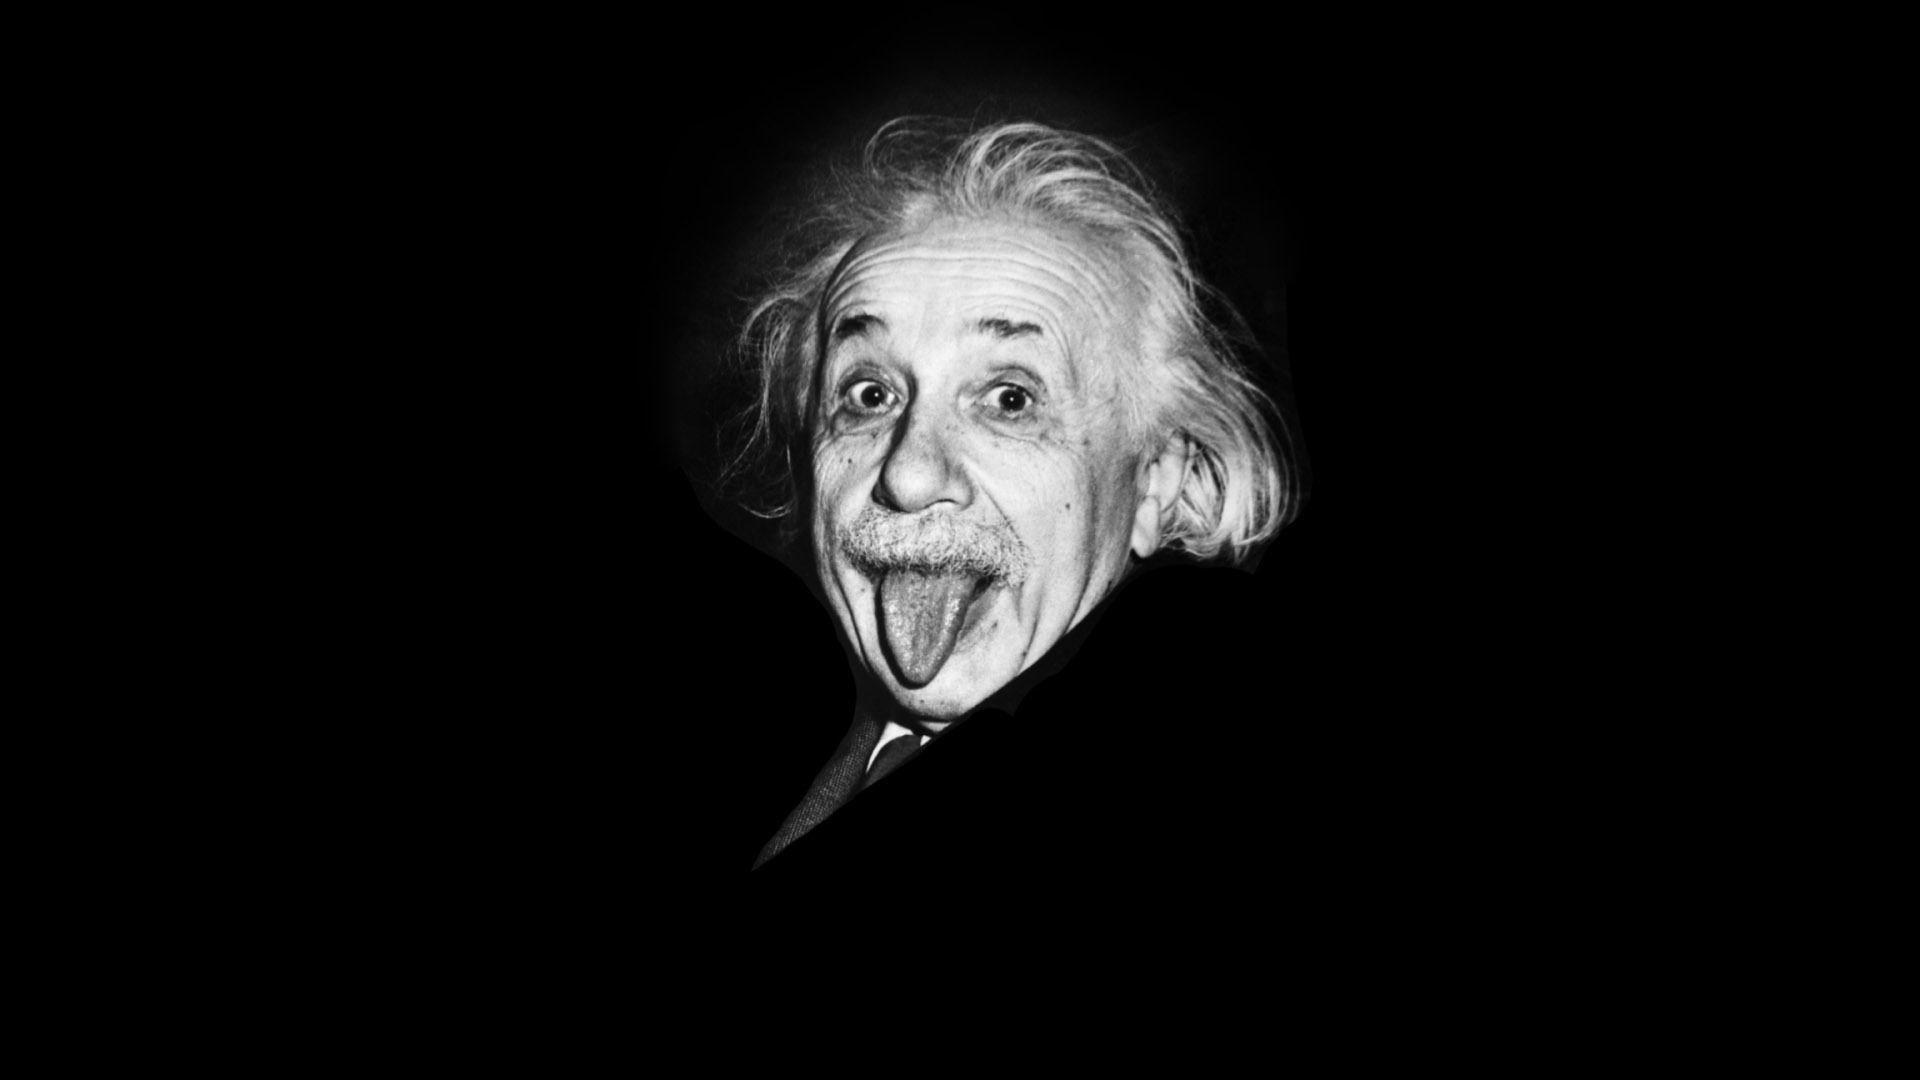 10 Top Albert Einstein Wallpaper Hd FULL HD 1920×1080 For PC Desktop